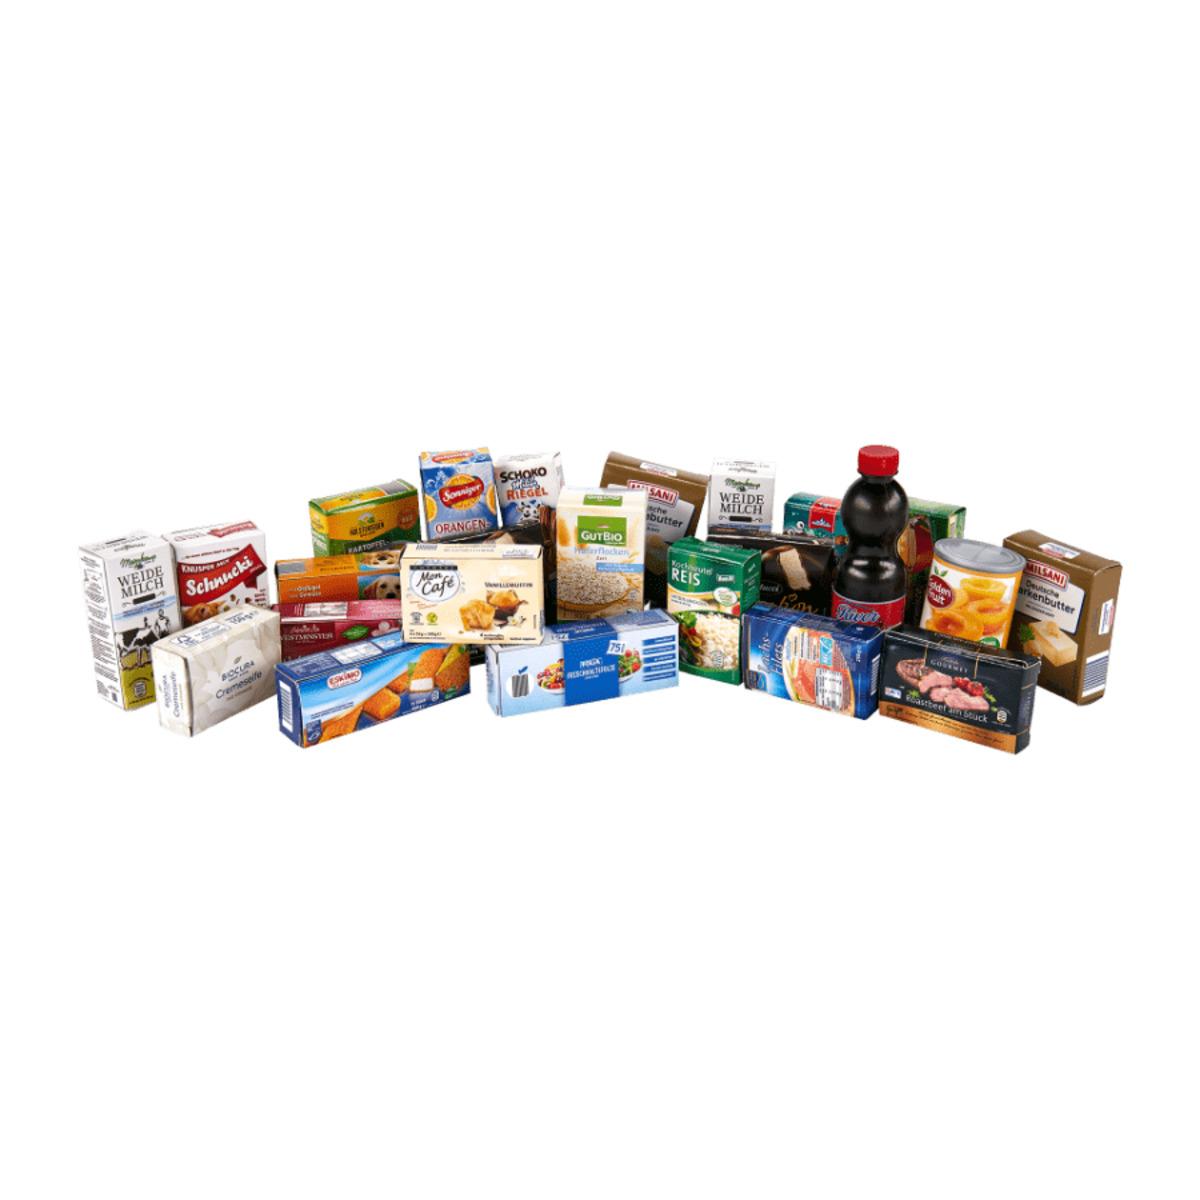 Bild 3 von PLAYLAND     Einkaufskorb mit Miniaturverpackungen